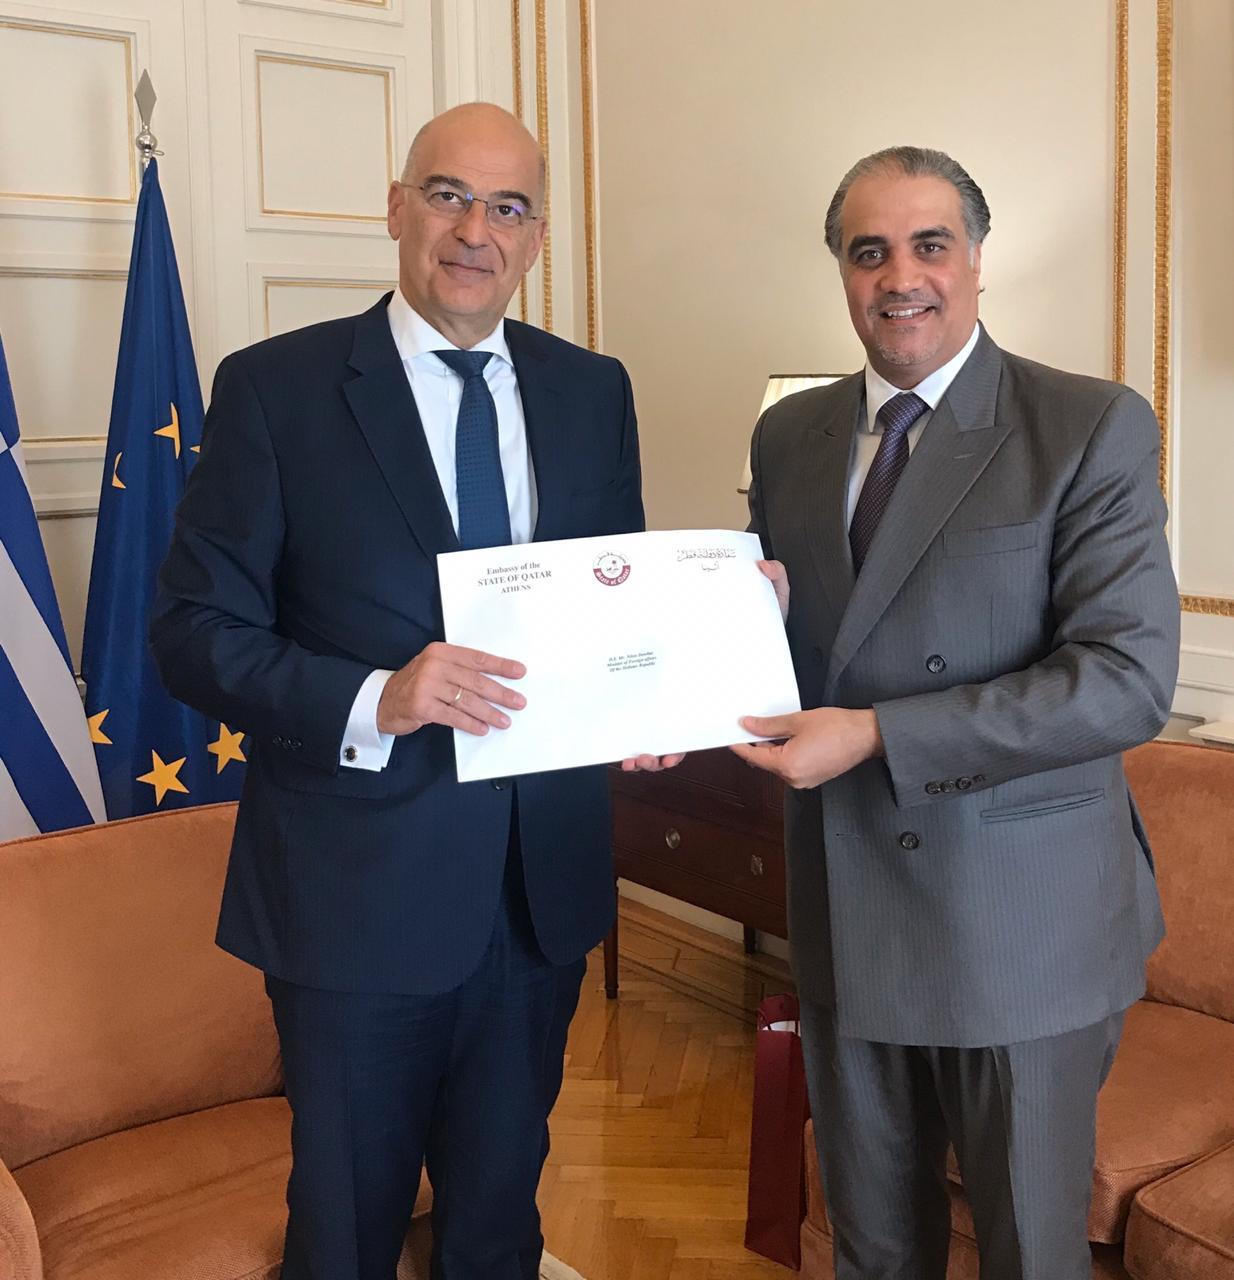 رسالة خطية من نائب رئيس مجلس الوزراء وزير الخارجية إلى وزير الخارجية اليوناني